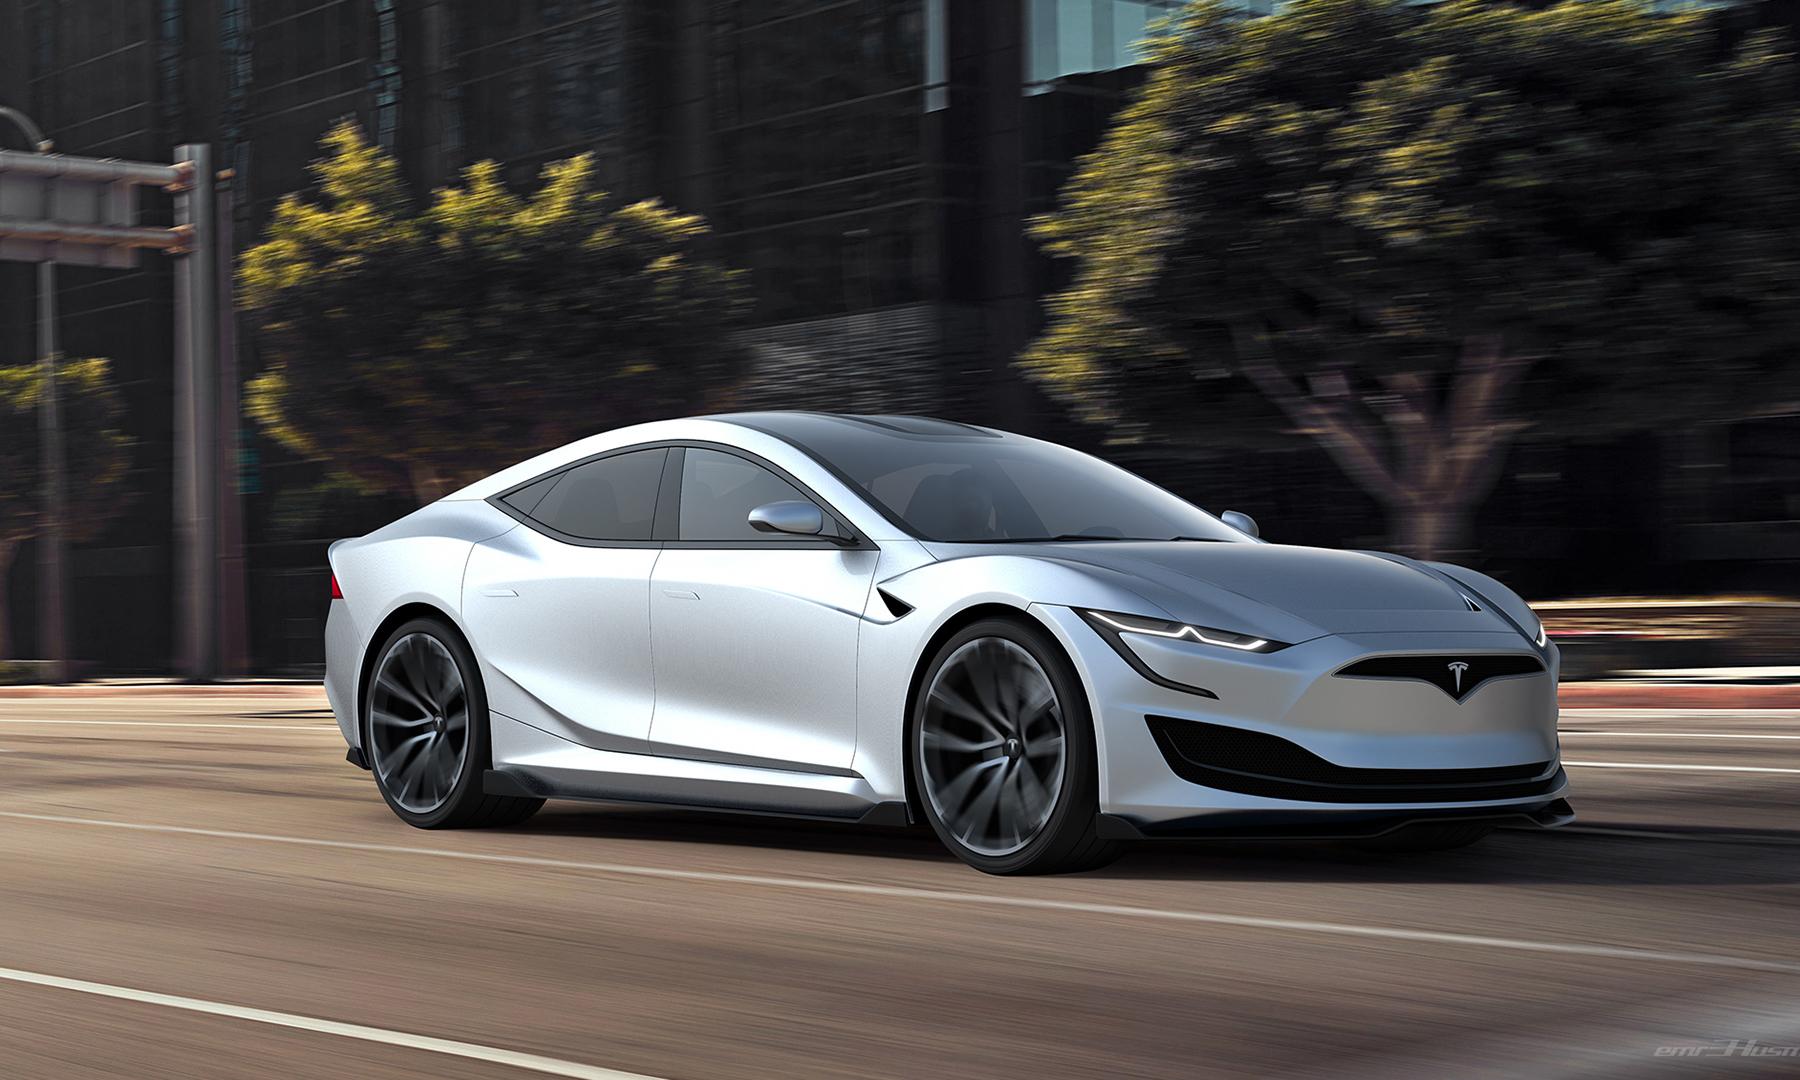 设计更加前卫,特斯拉 Model S 全新运动版曝光